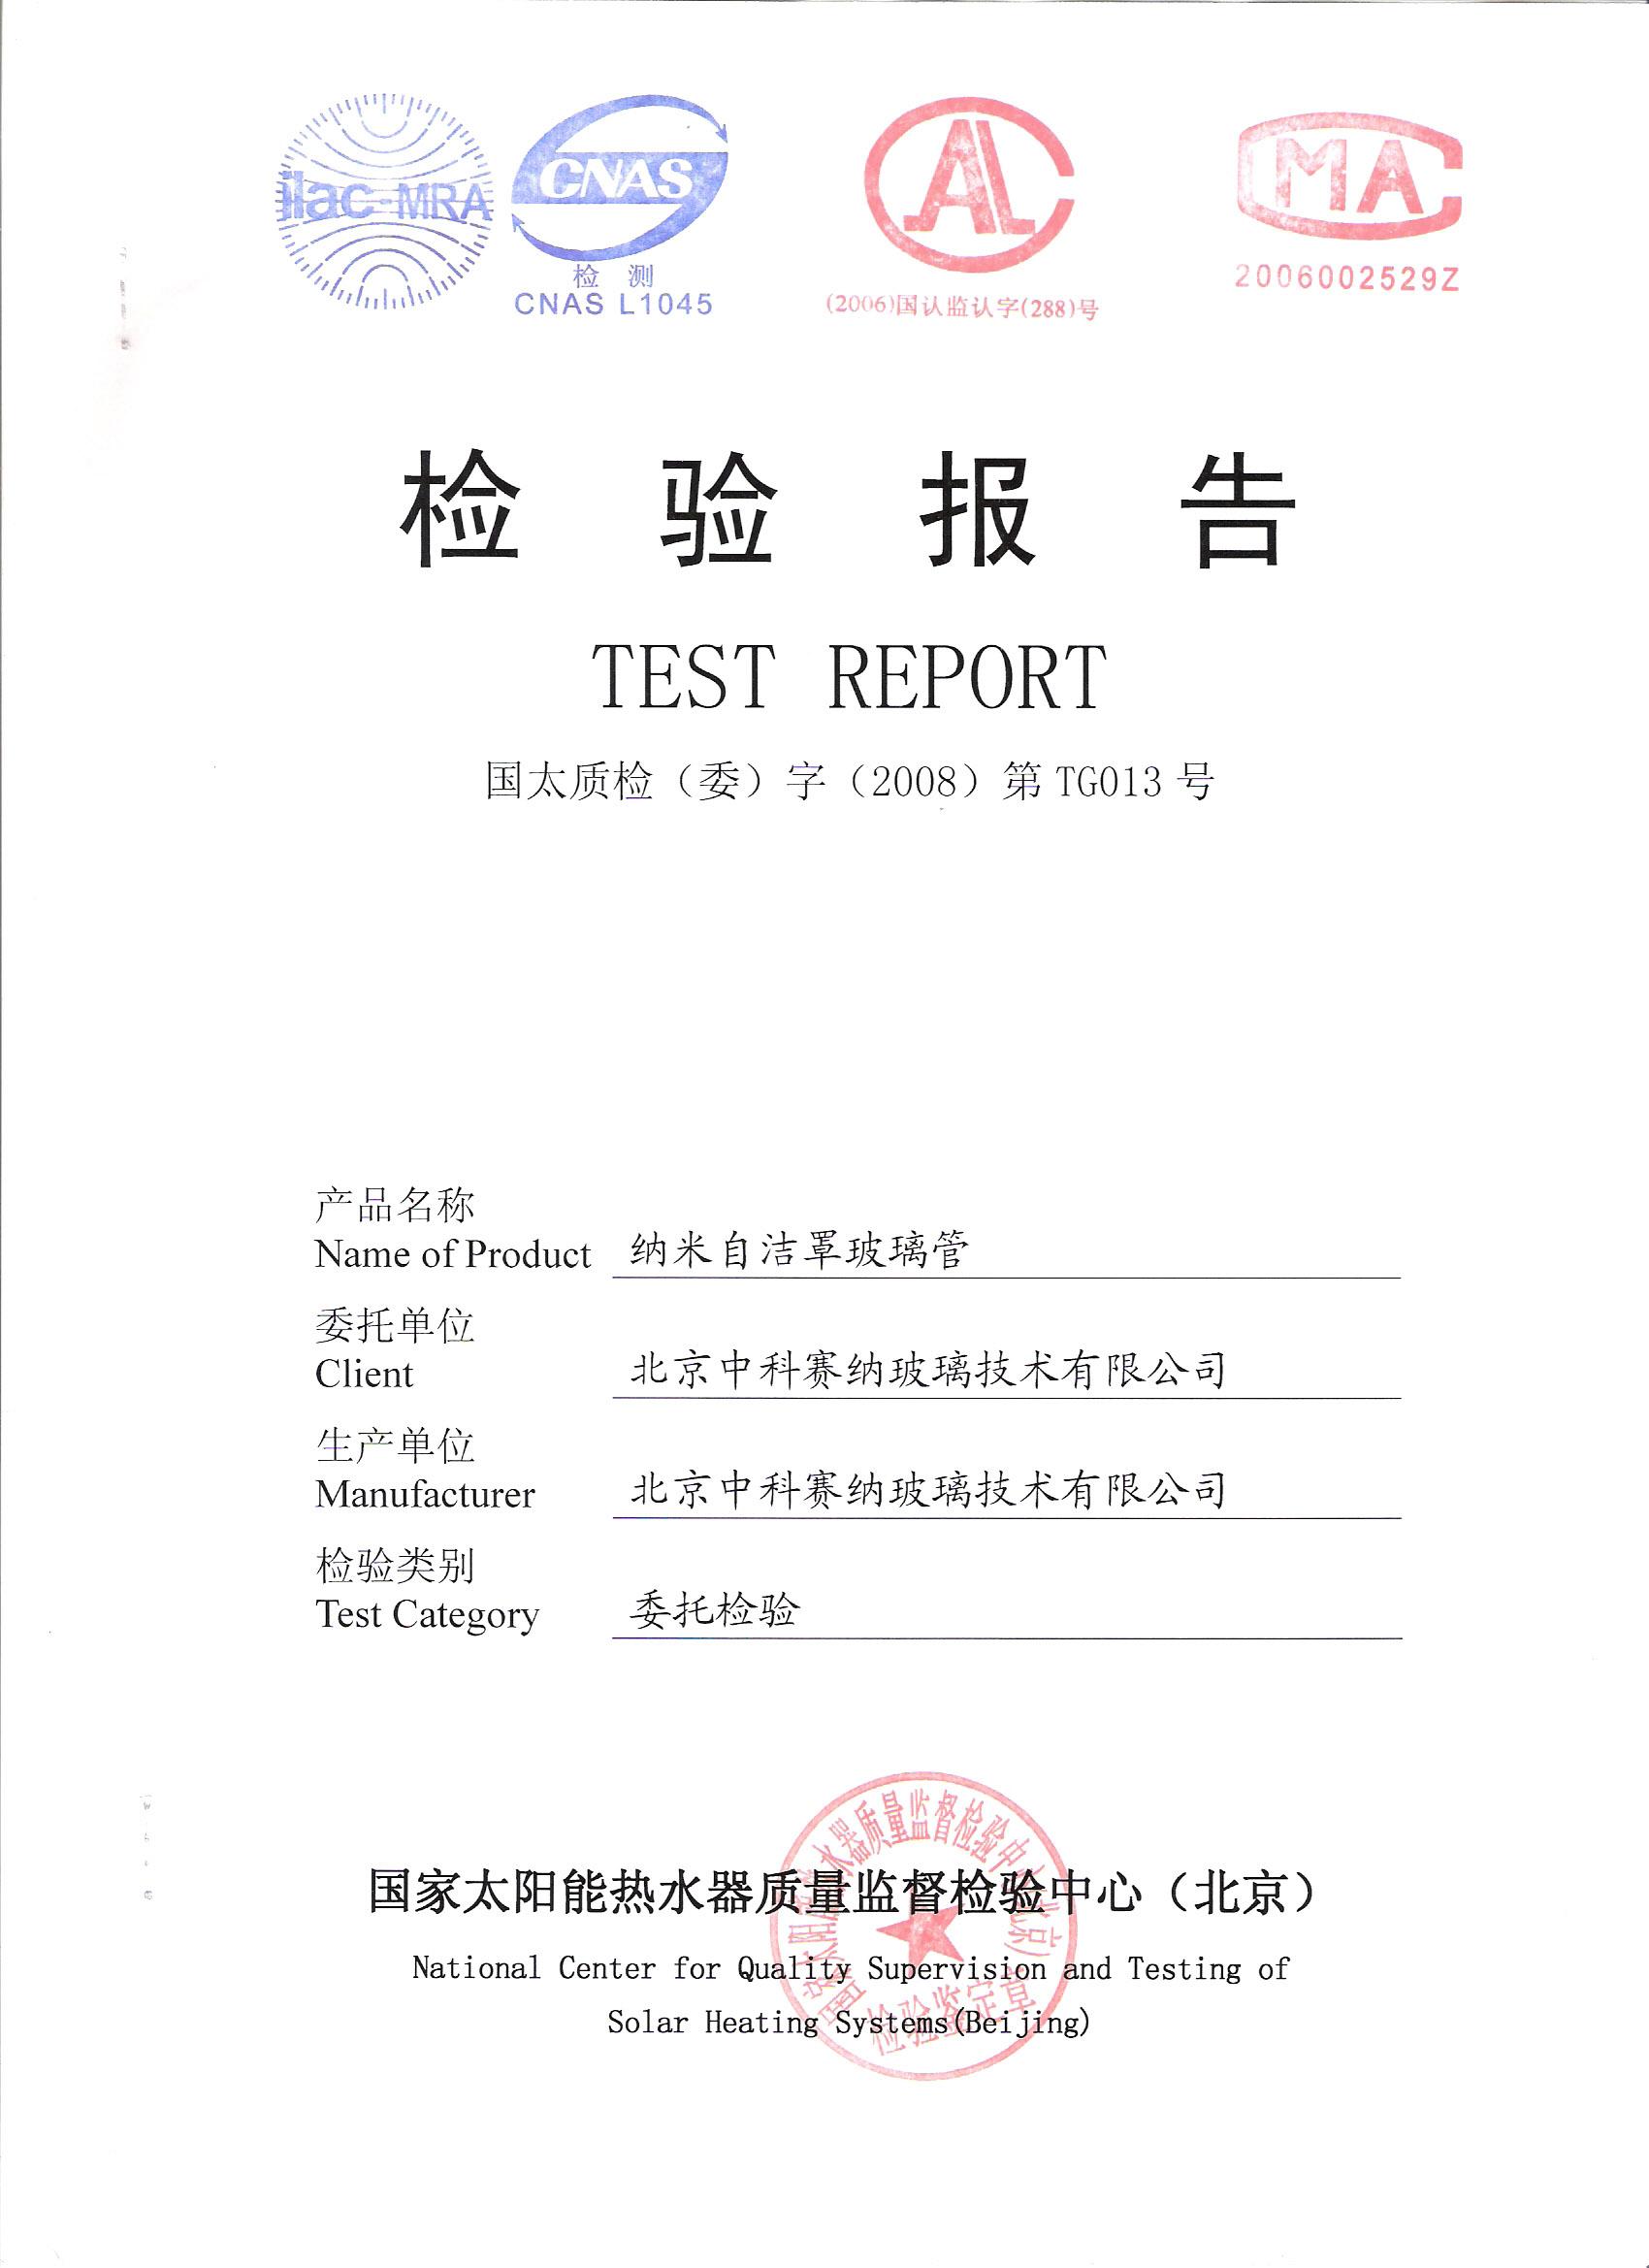 自洁集热管检验报告